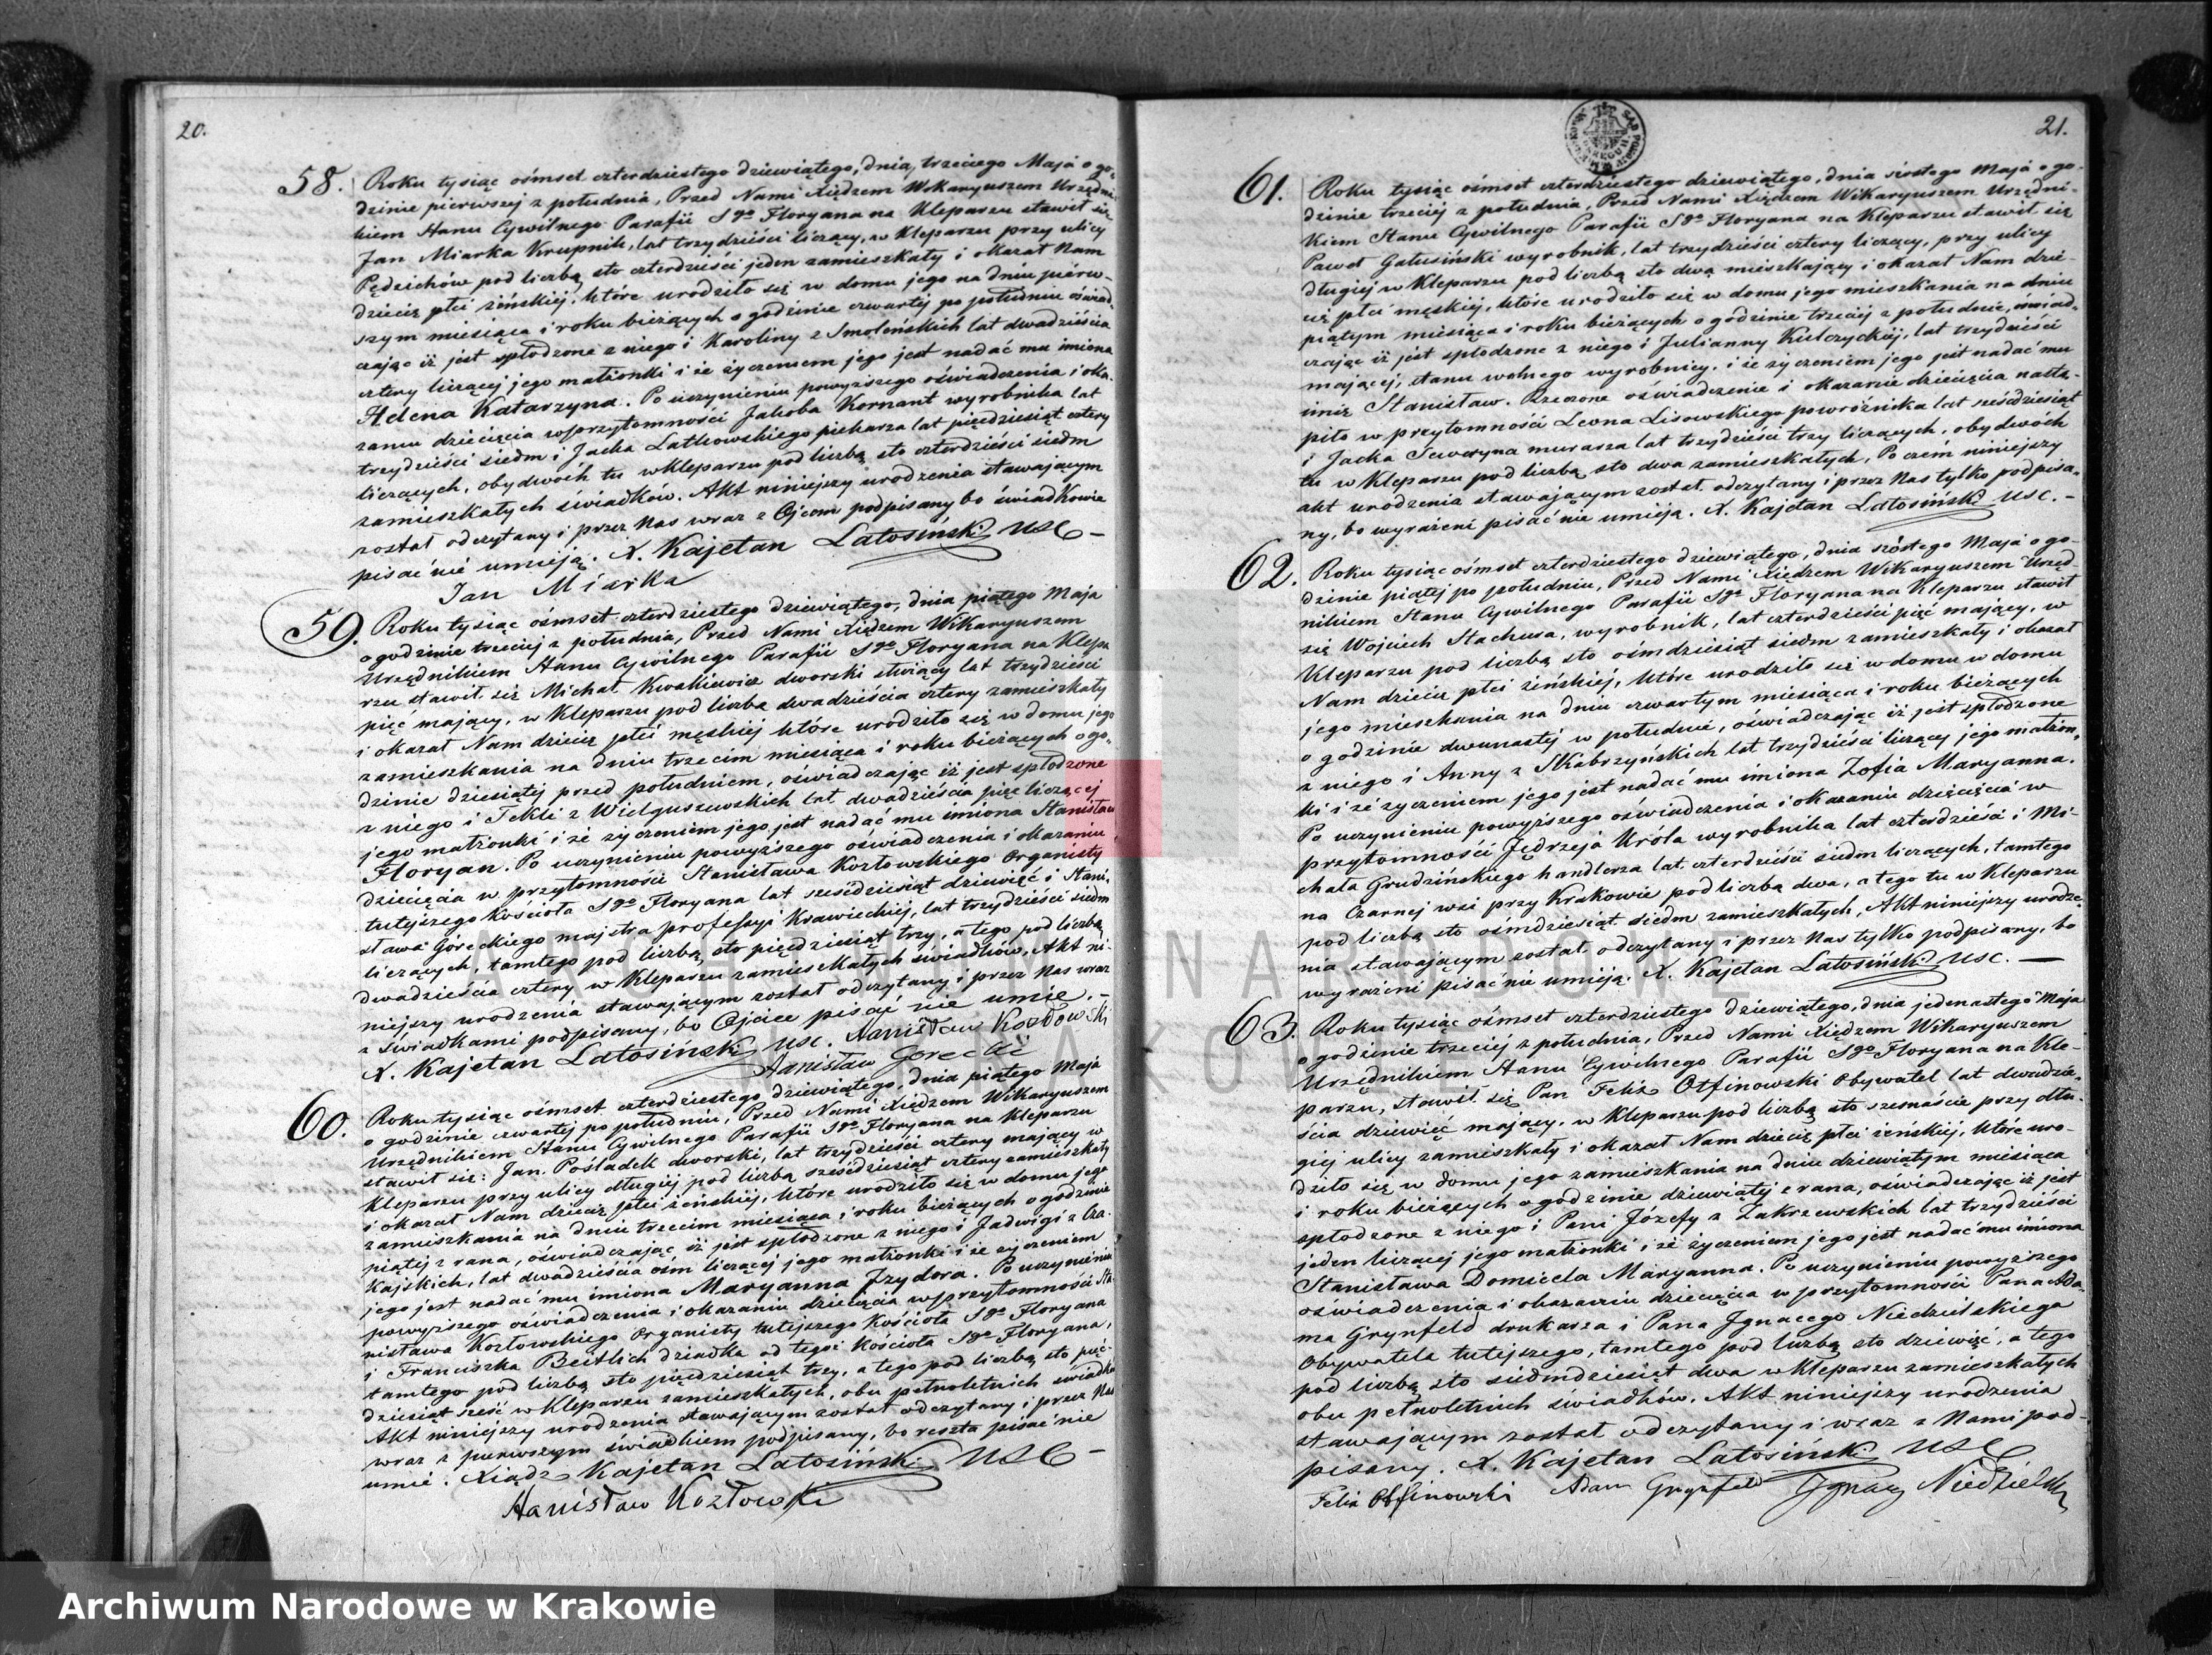 Skan z jednostki: Księga Aktów Urodzenia Uznania i Przysposobienia dla Parafii S o Floryana na Kleparzu na rok 1849